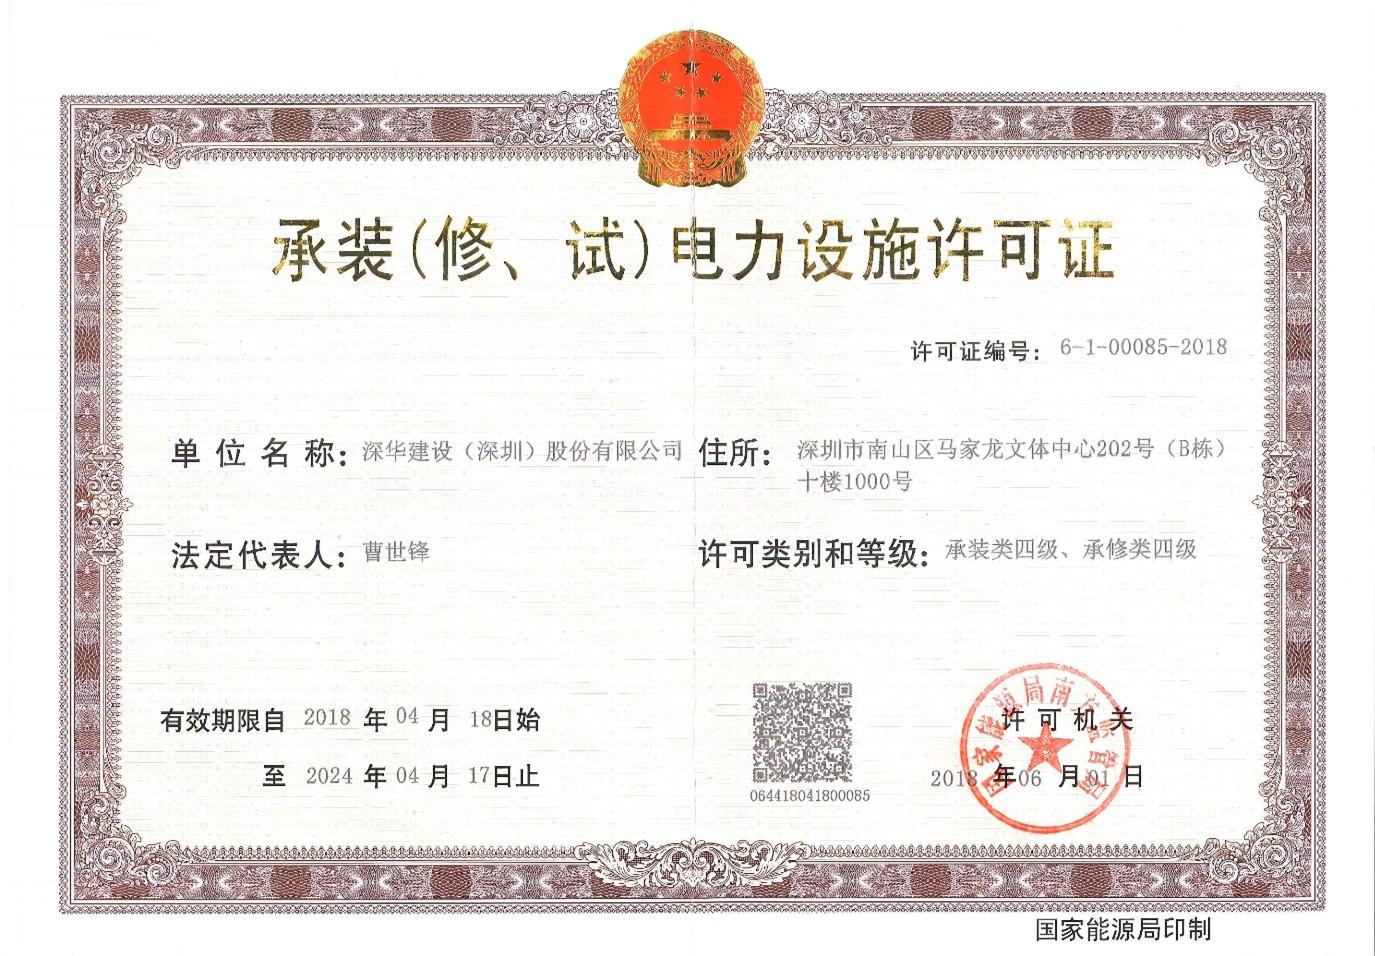 承装(修袖、试)电力设施许可证